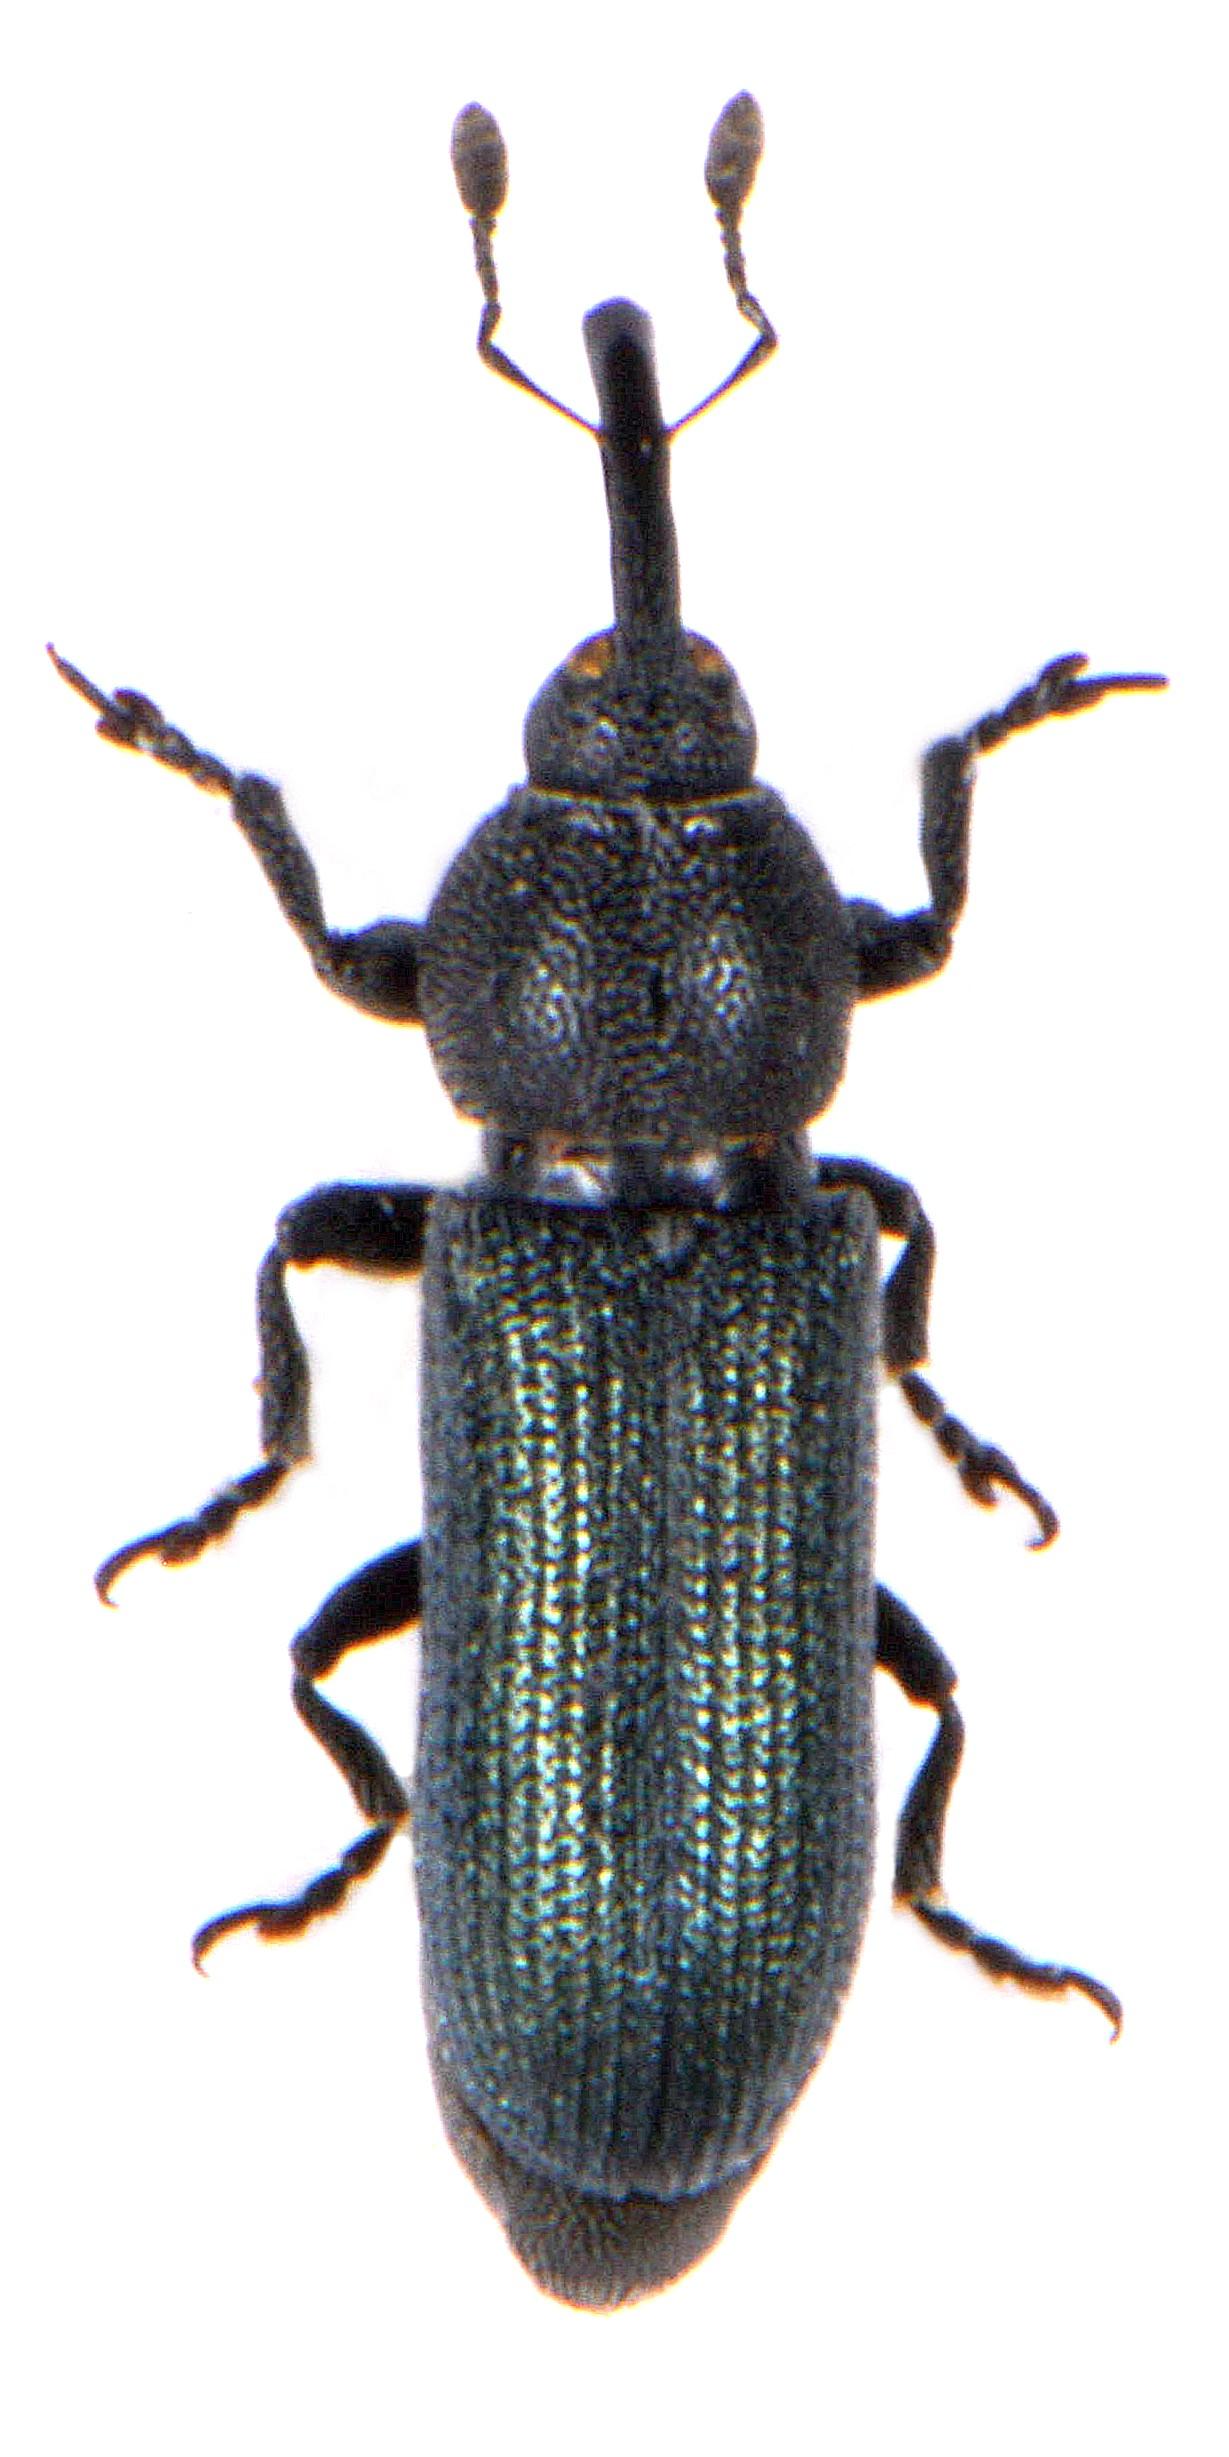 Mecinus janthinus 1